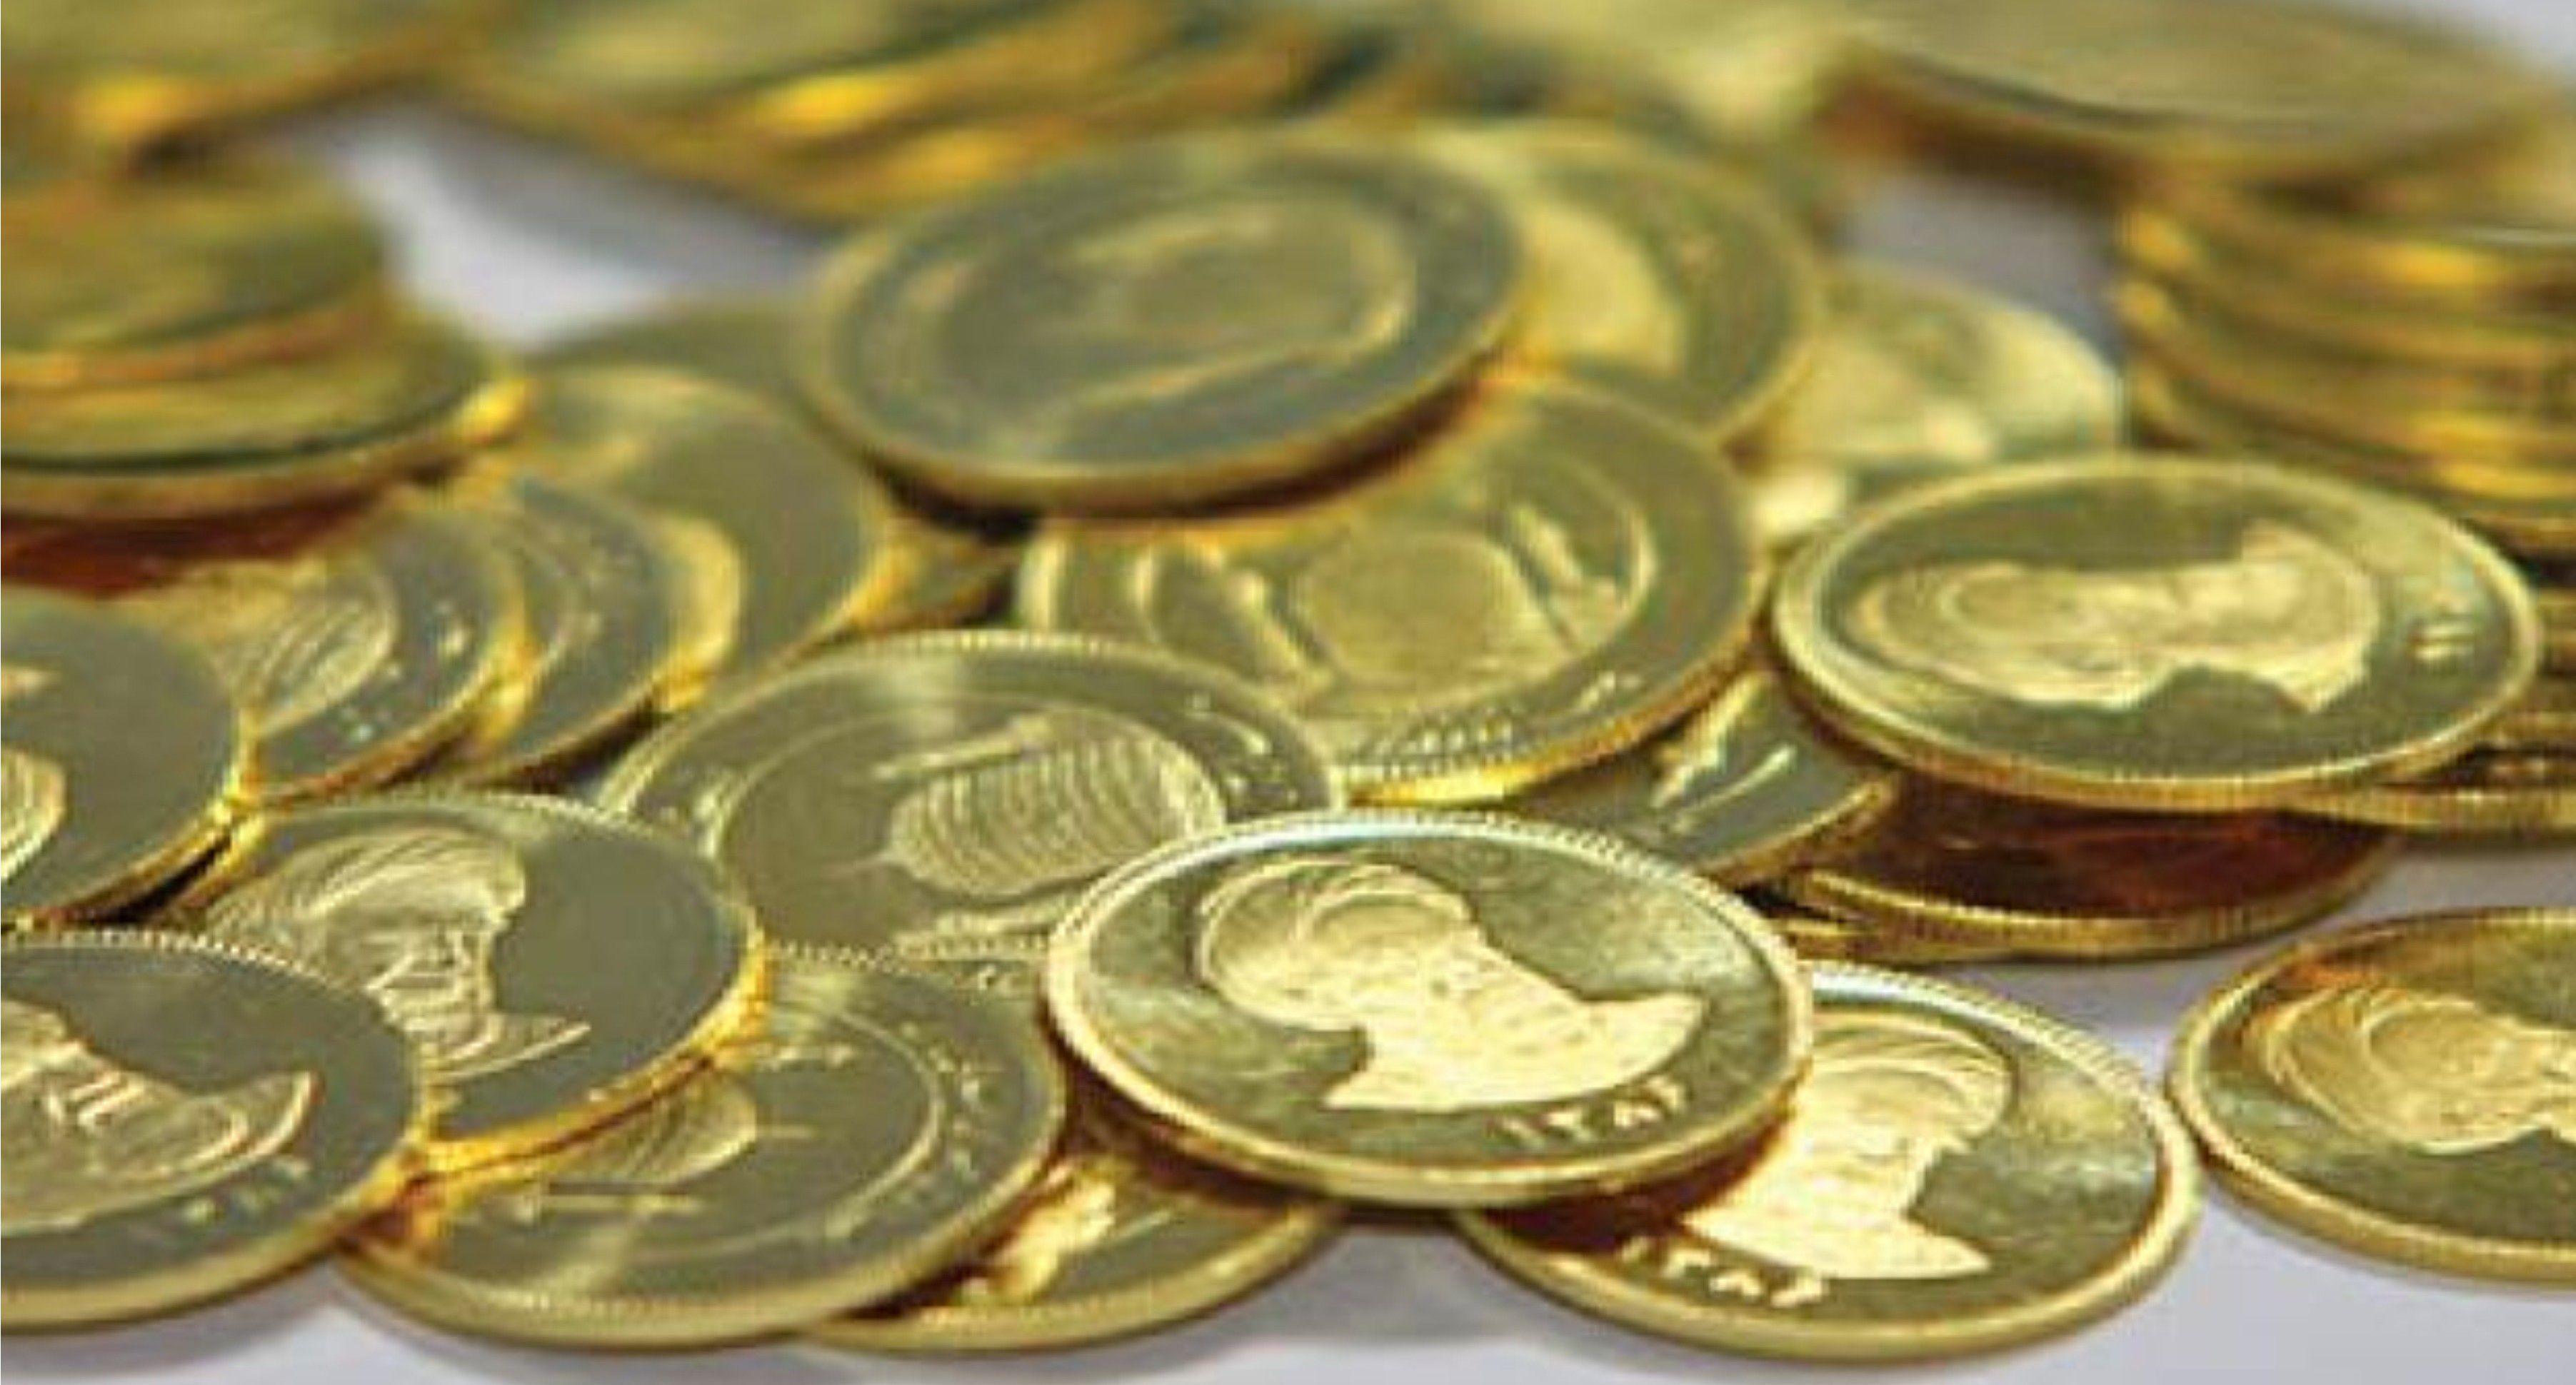 بازدهی منفی ۲.۸ درصدی سکه در یک ماهه